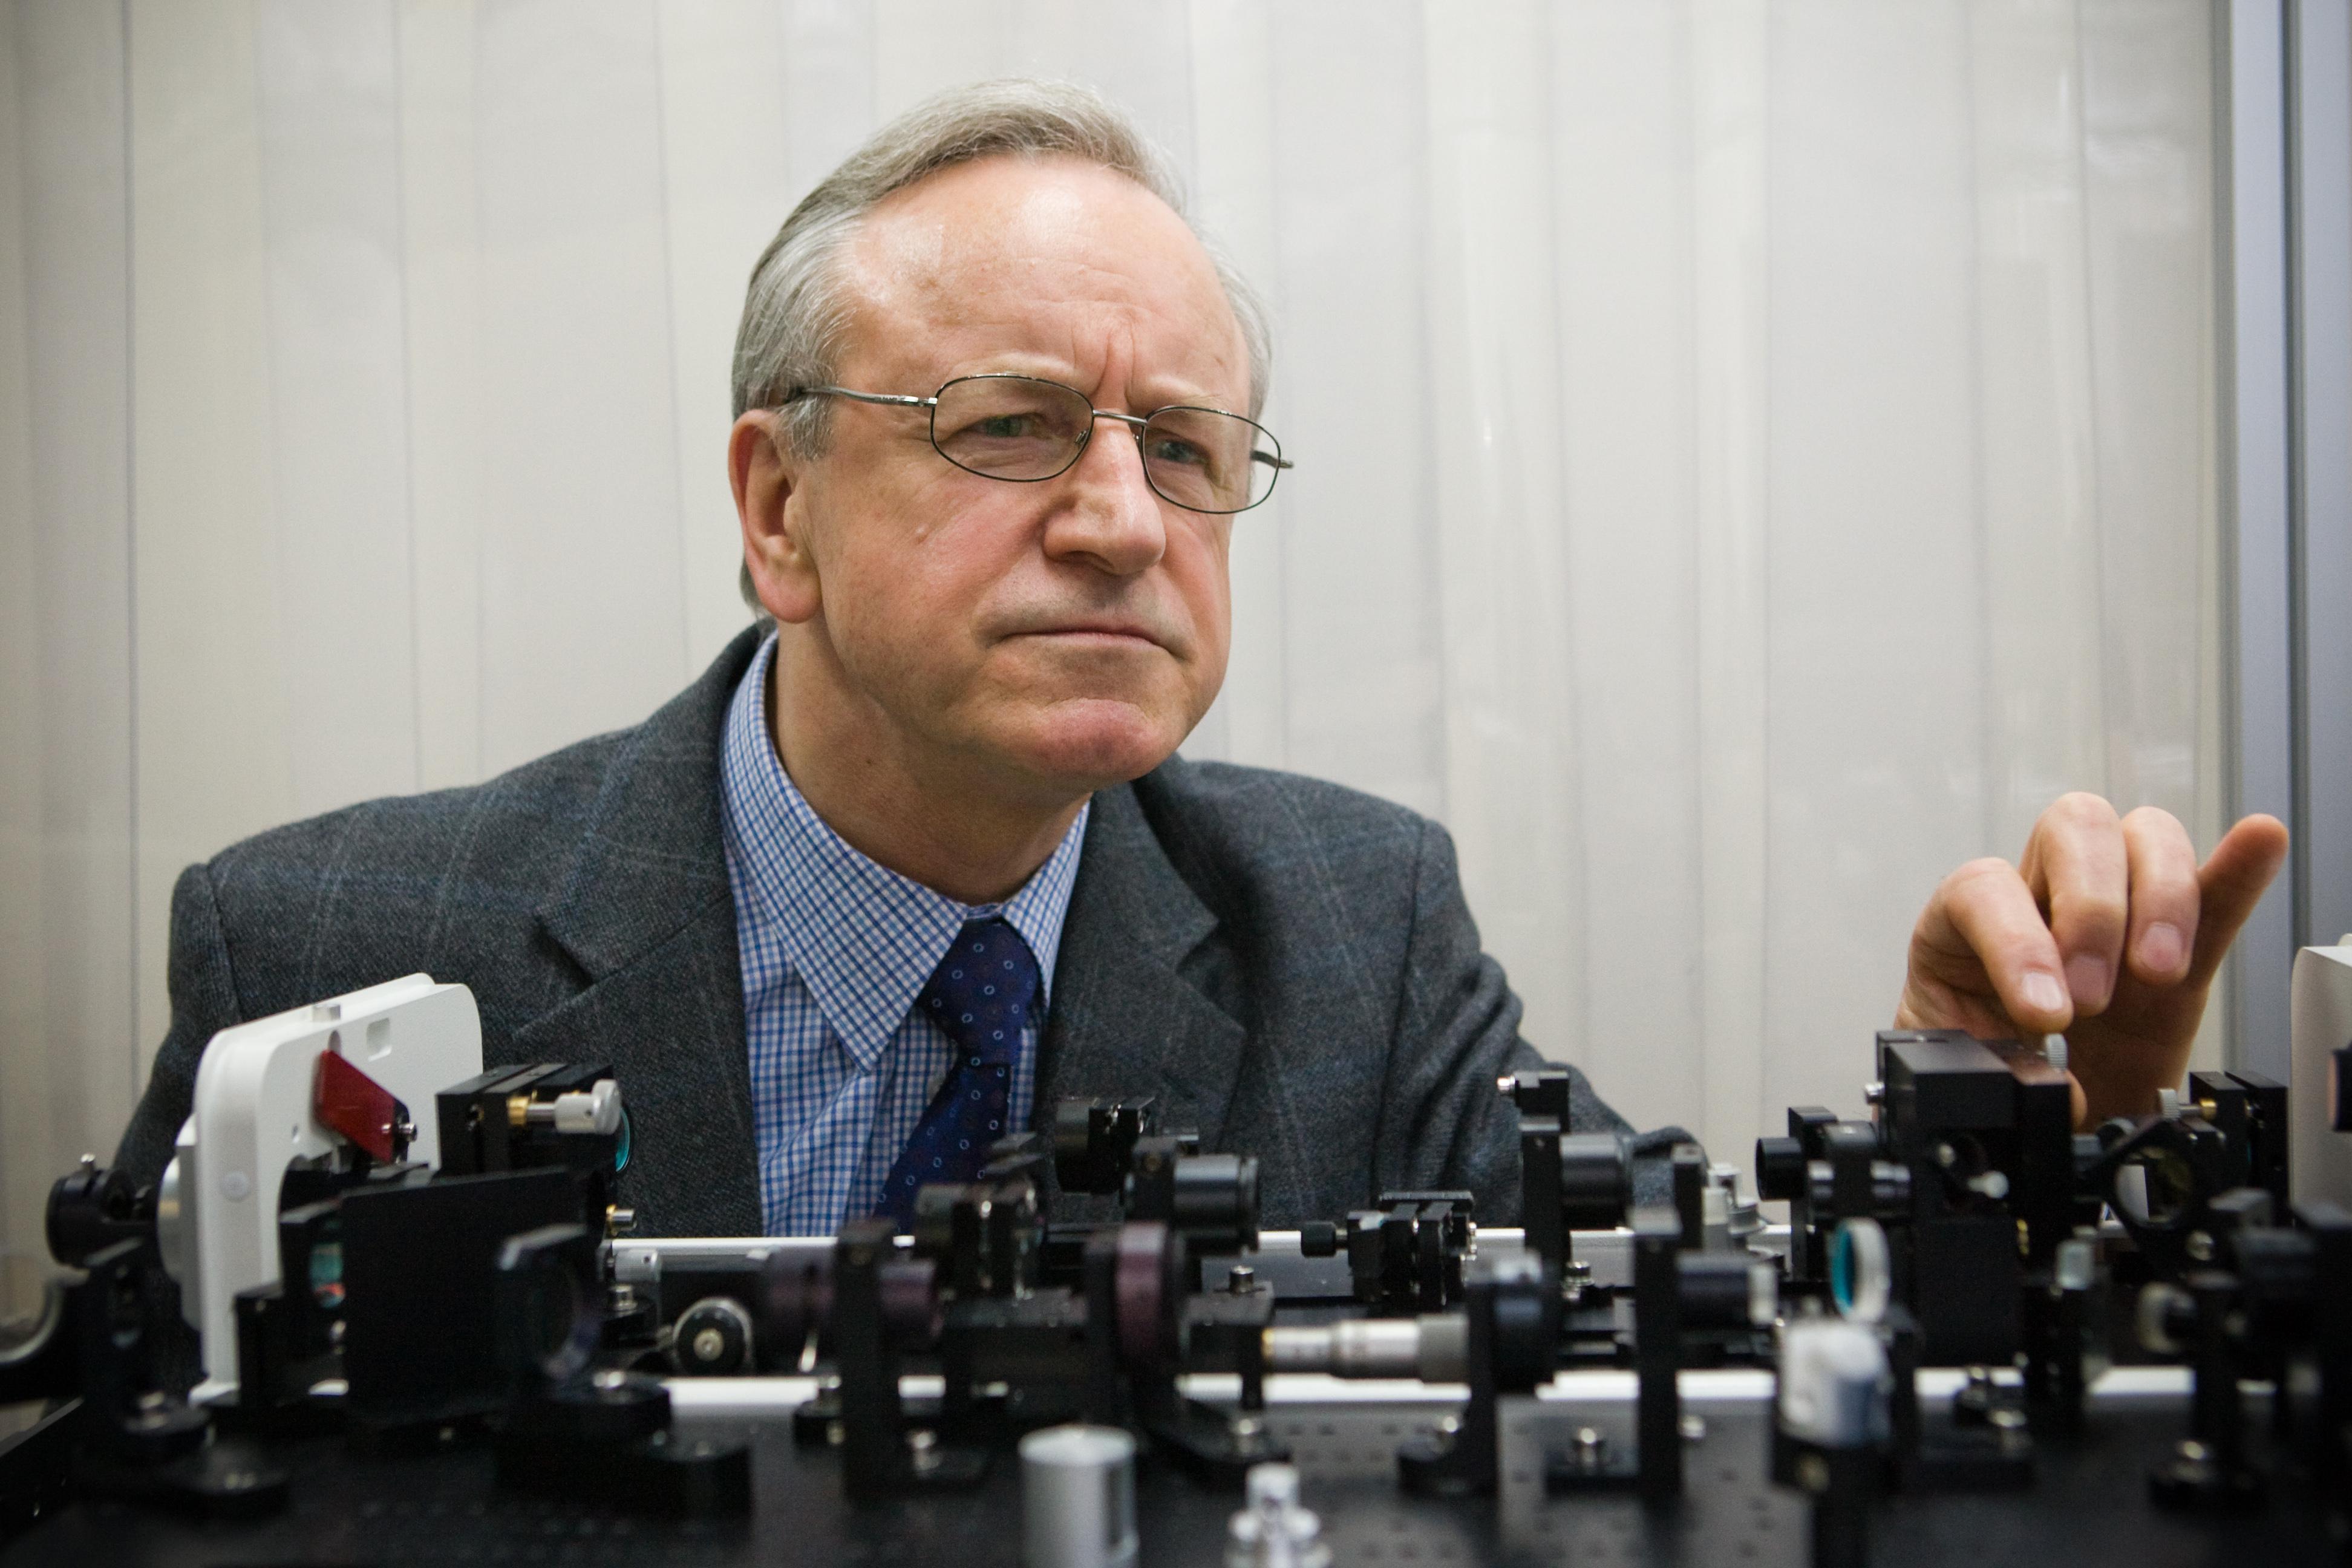 Lietuvos mokslų akademijos (LMA) narys, Vilniaus universiteto profesorius, habilituotas gamtos mokslø daktaras Algis Petras Piskarskas.